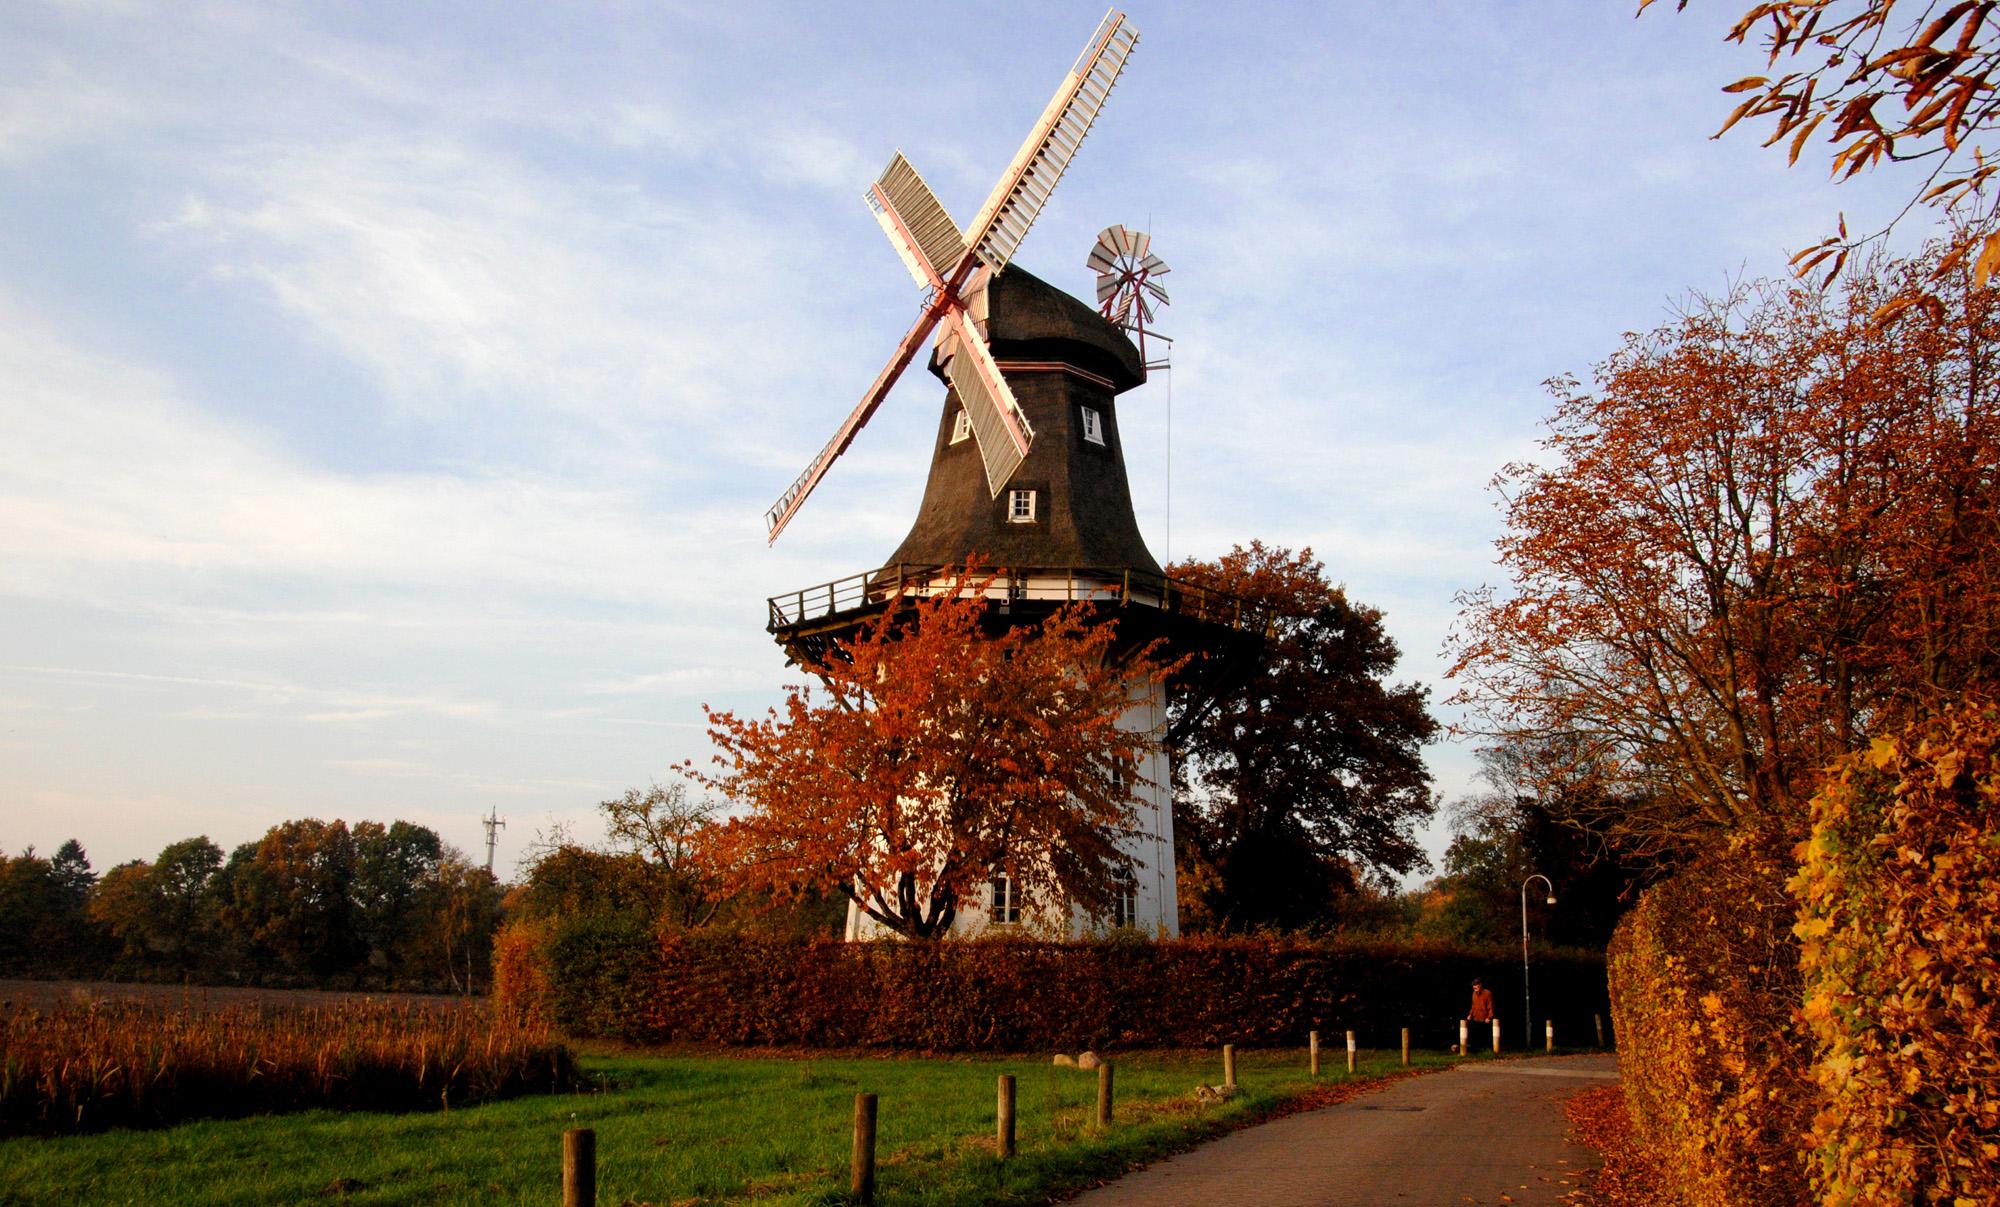 Eine Mühle in einer herbstlichen Landschaft